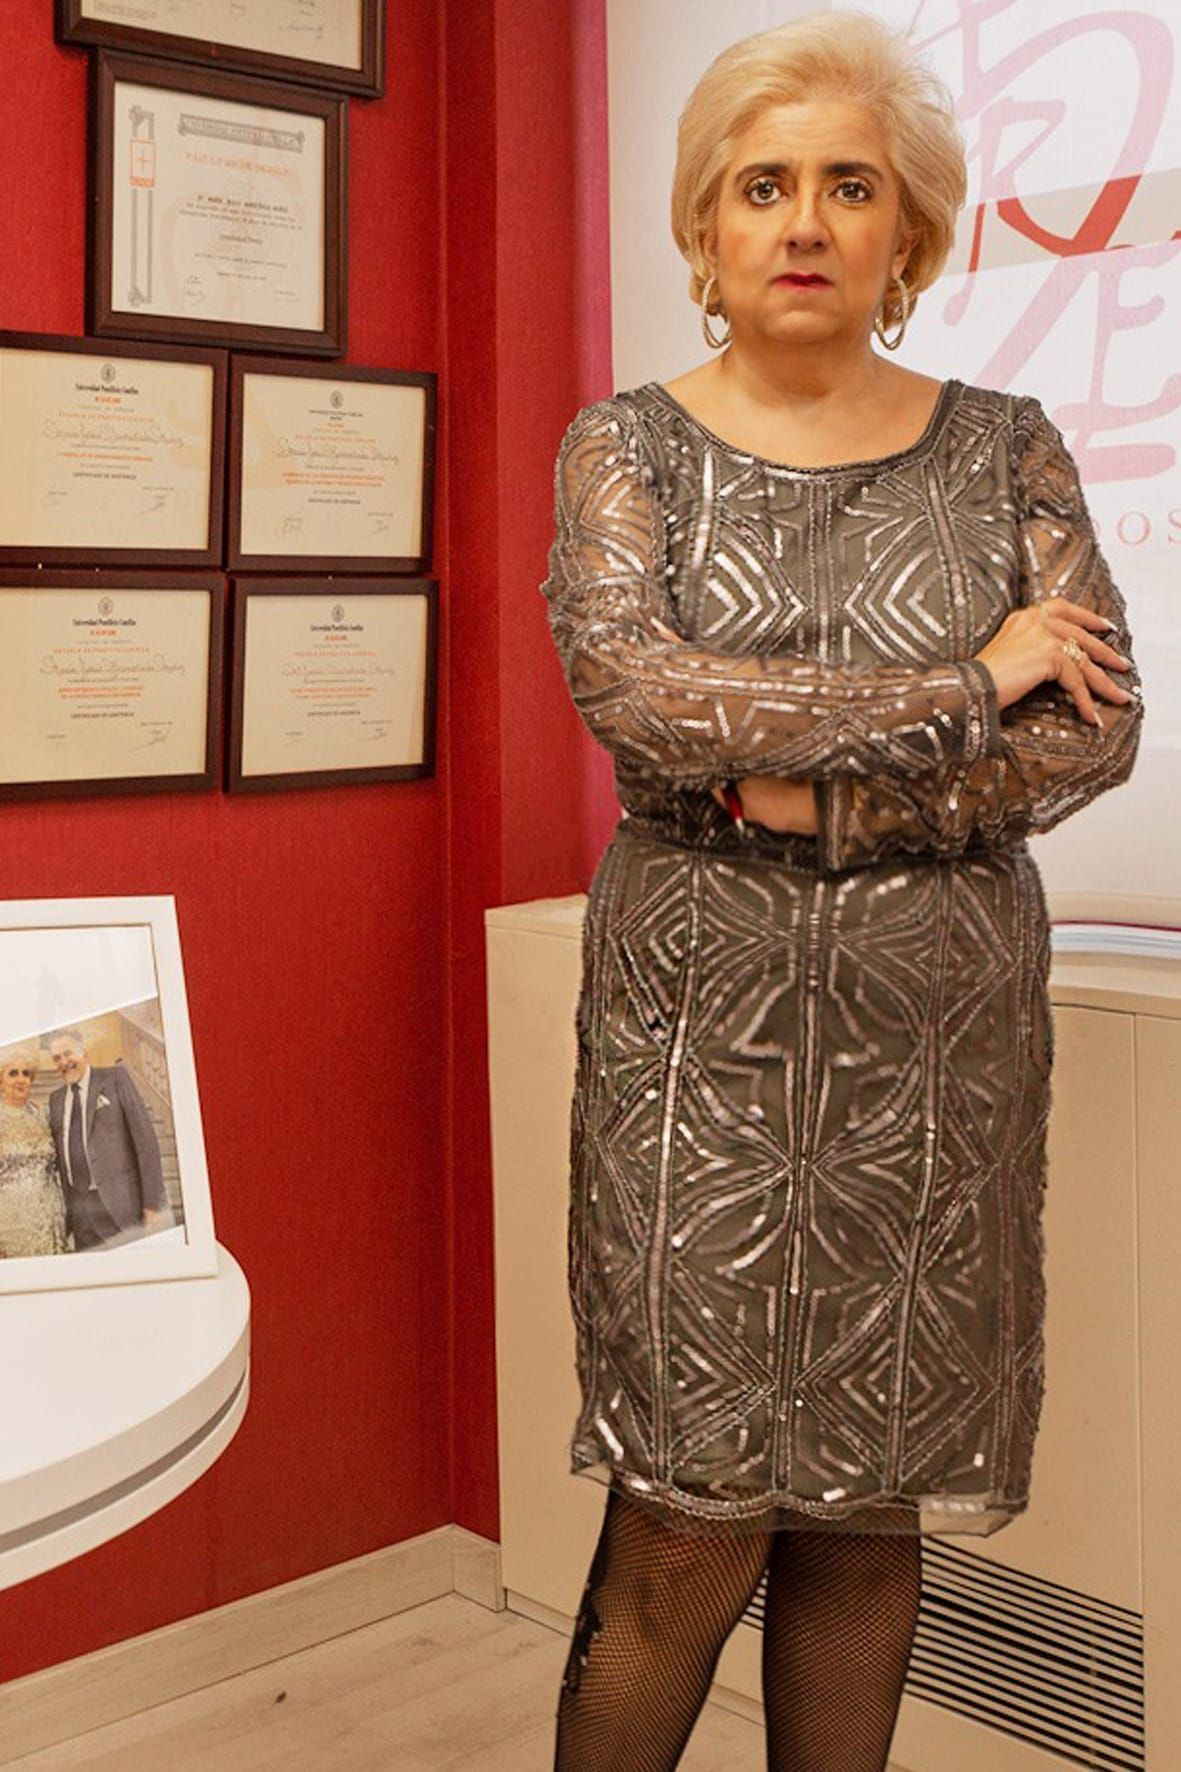 María Jesús Barreñada convierte su profesión en una forma de vida tras sus experiencias durante la pandemia